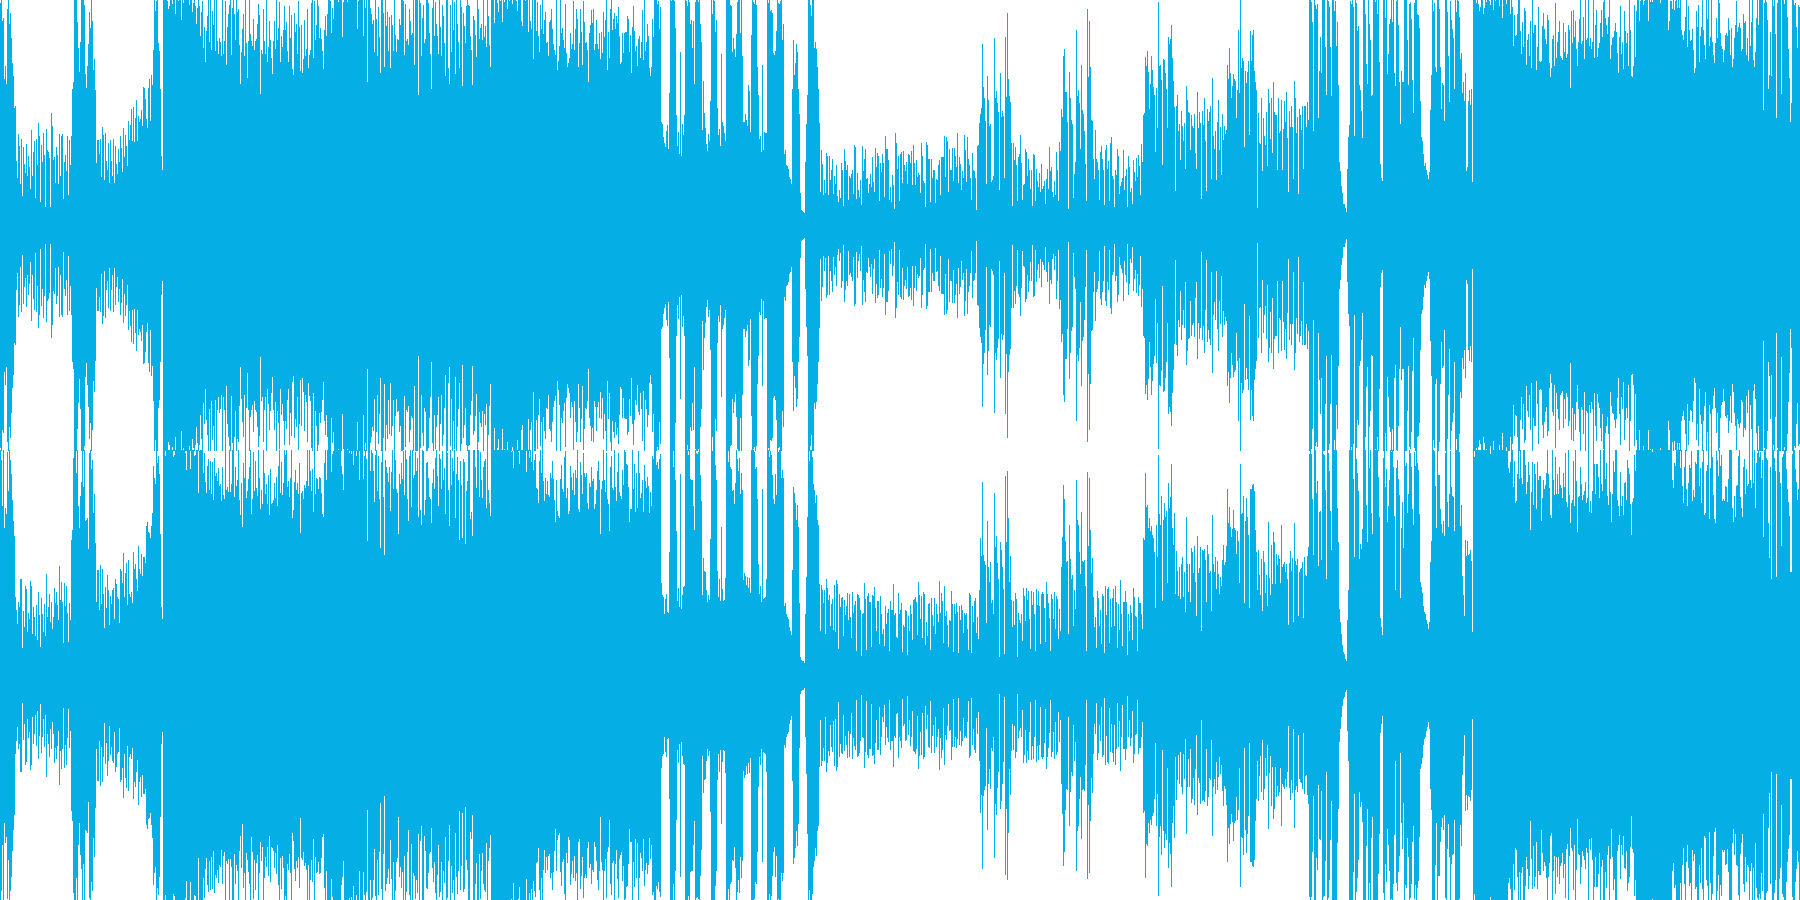 クールなメタルのボスバトル曲 ループ版の再生済みの波形